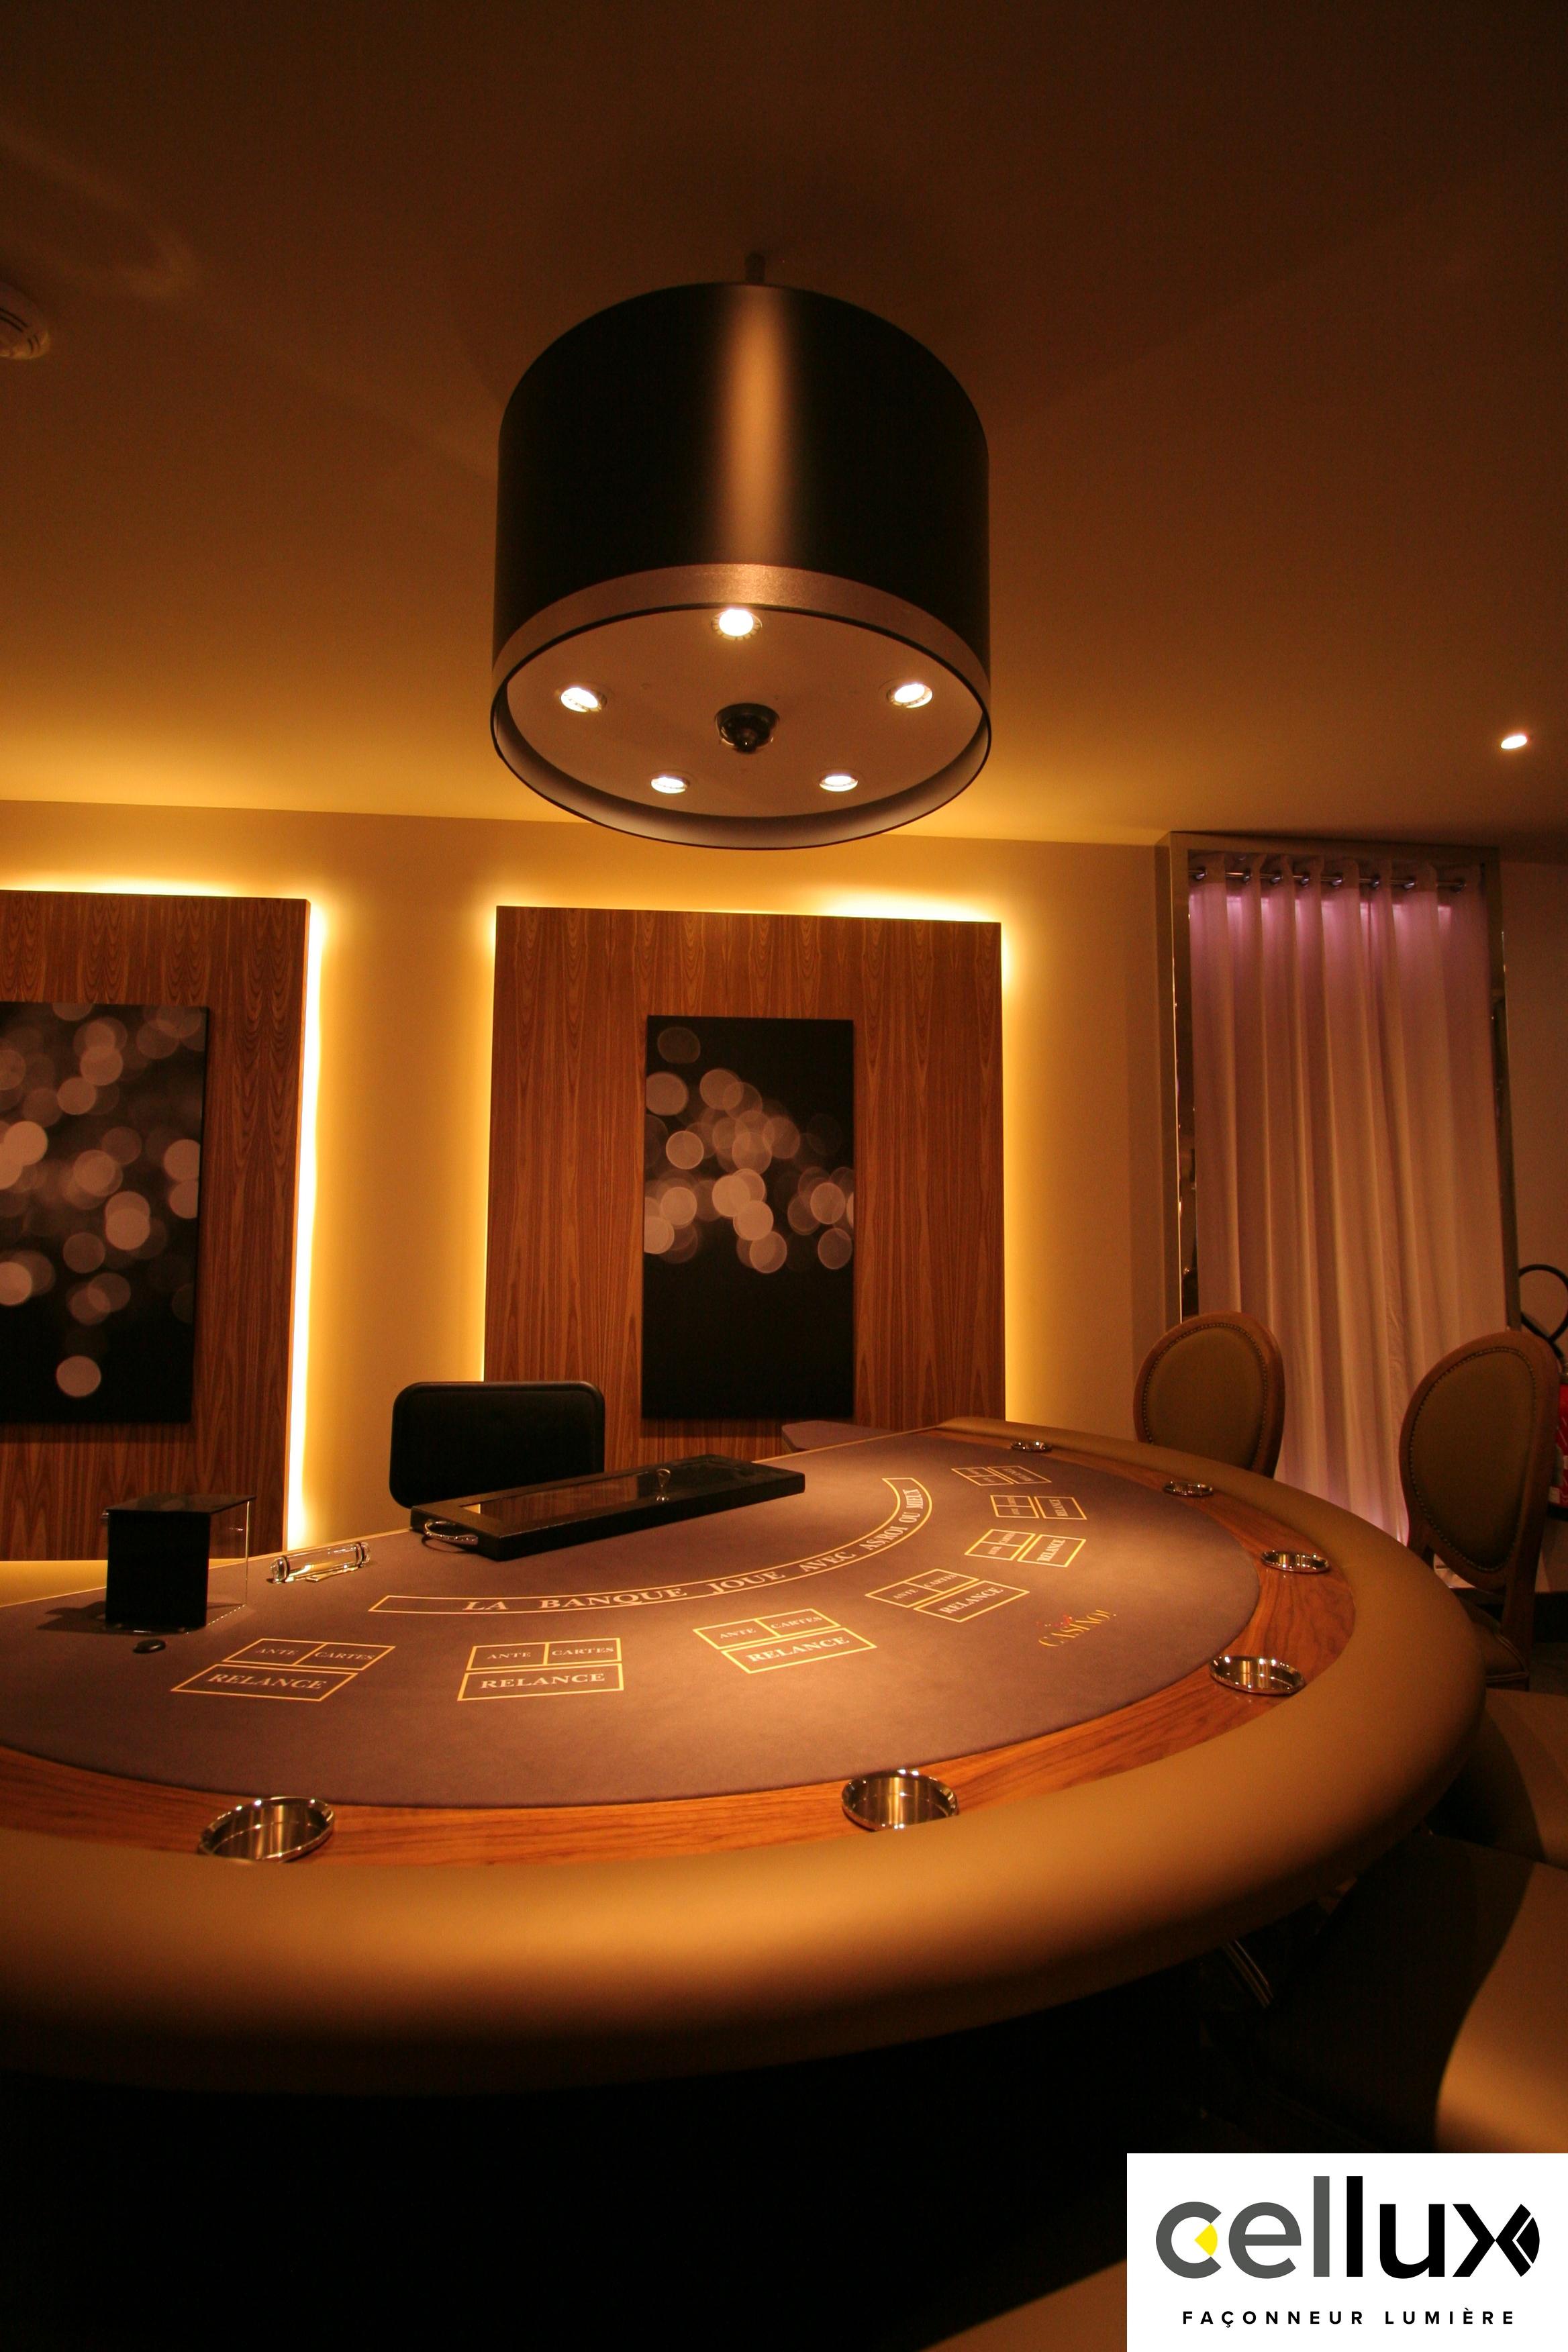 Casino Jeux d'Evian